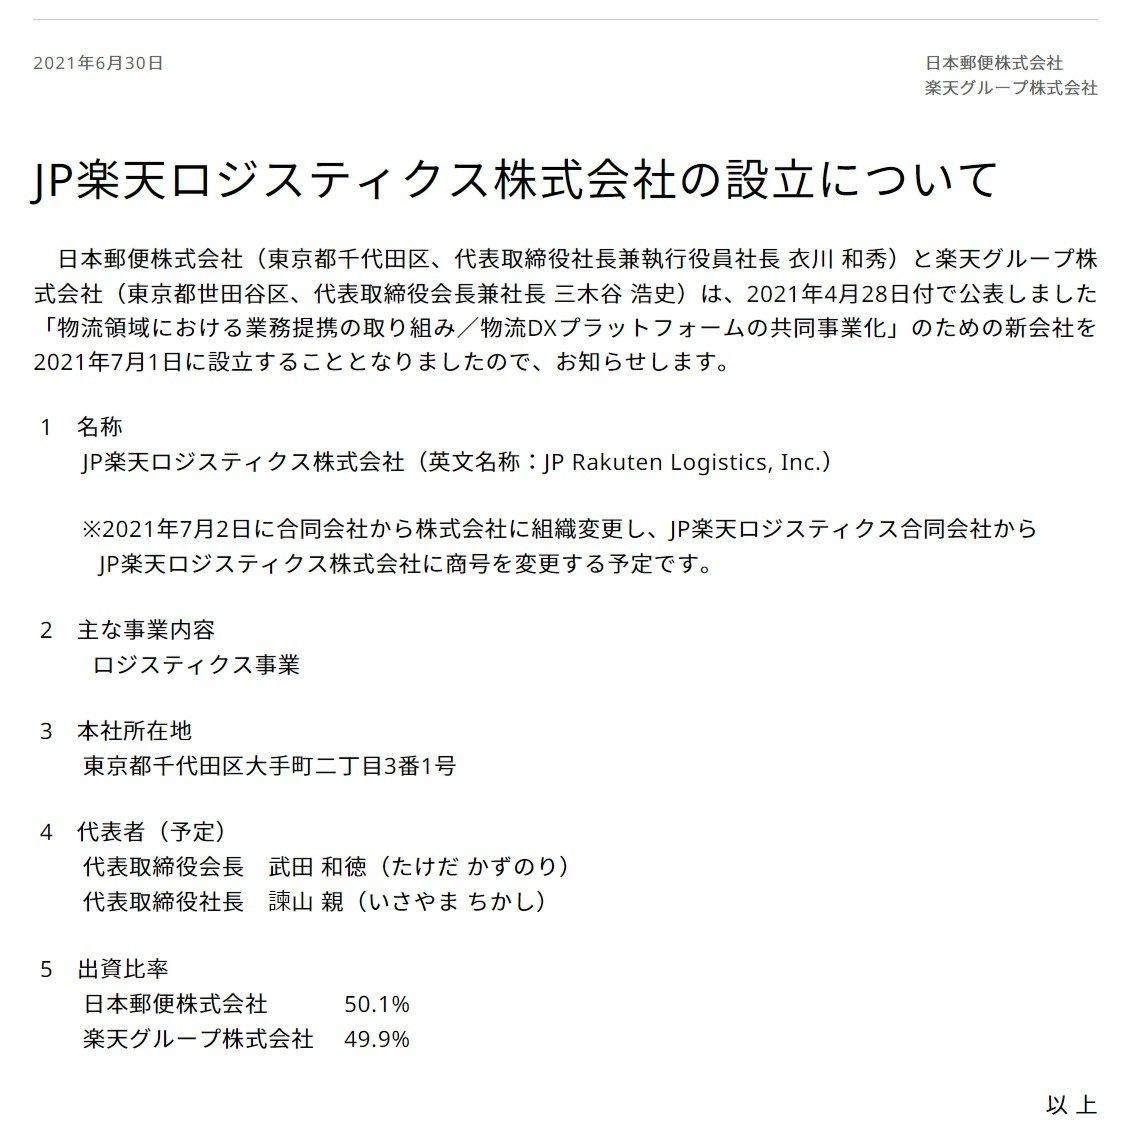 日本 郵政 株